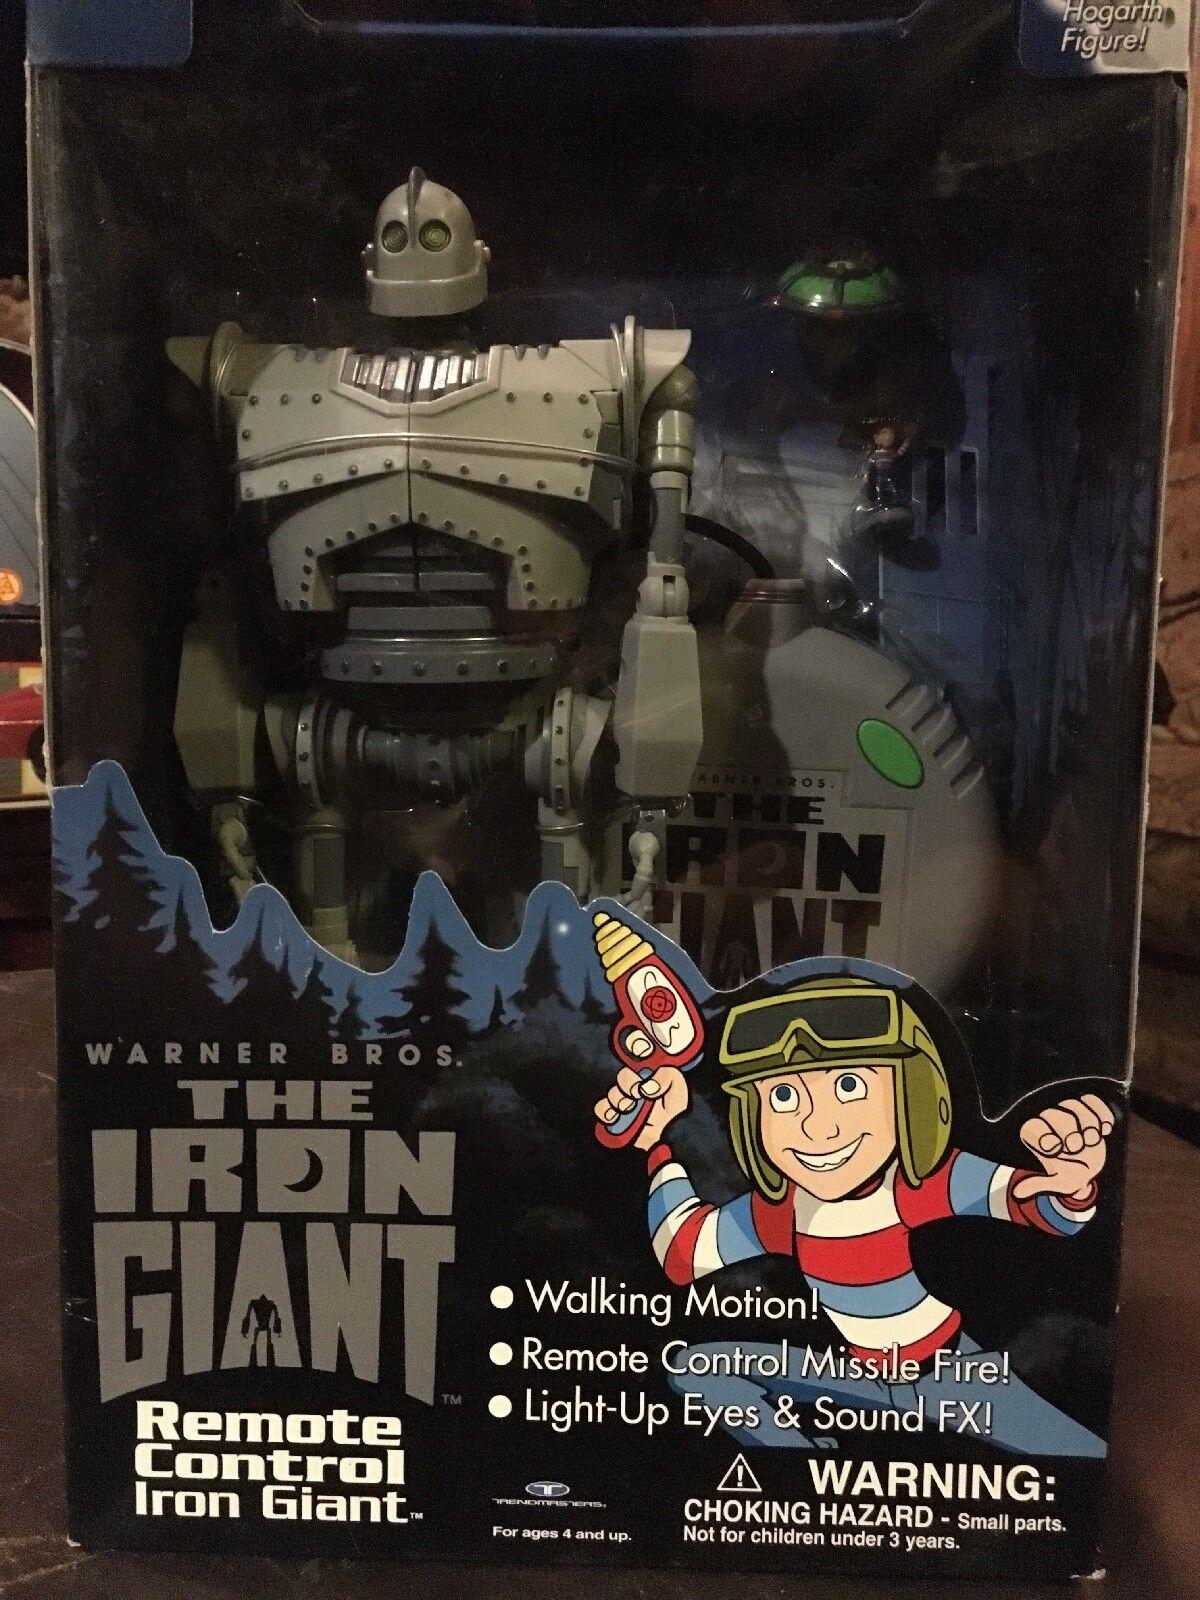 Brand nouveau Iron Giant Télécomhommede Trendmasters Comme neuf IN  BOX en marchant, lumière-Up FX Robot  le meilleur service après-vente